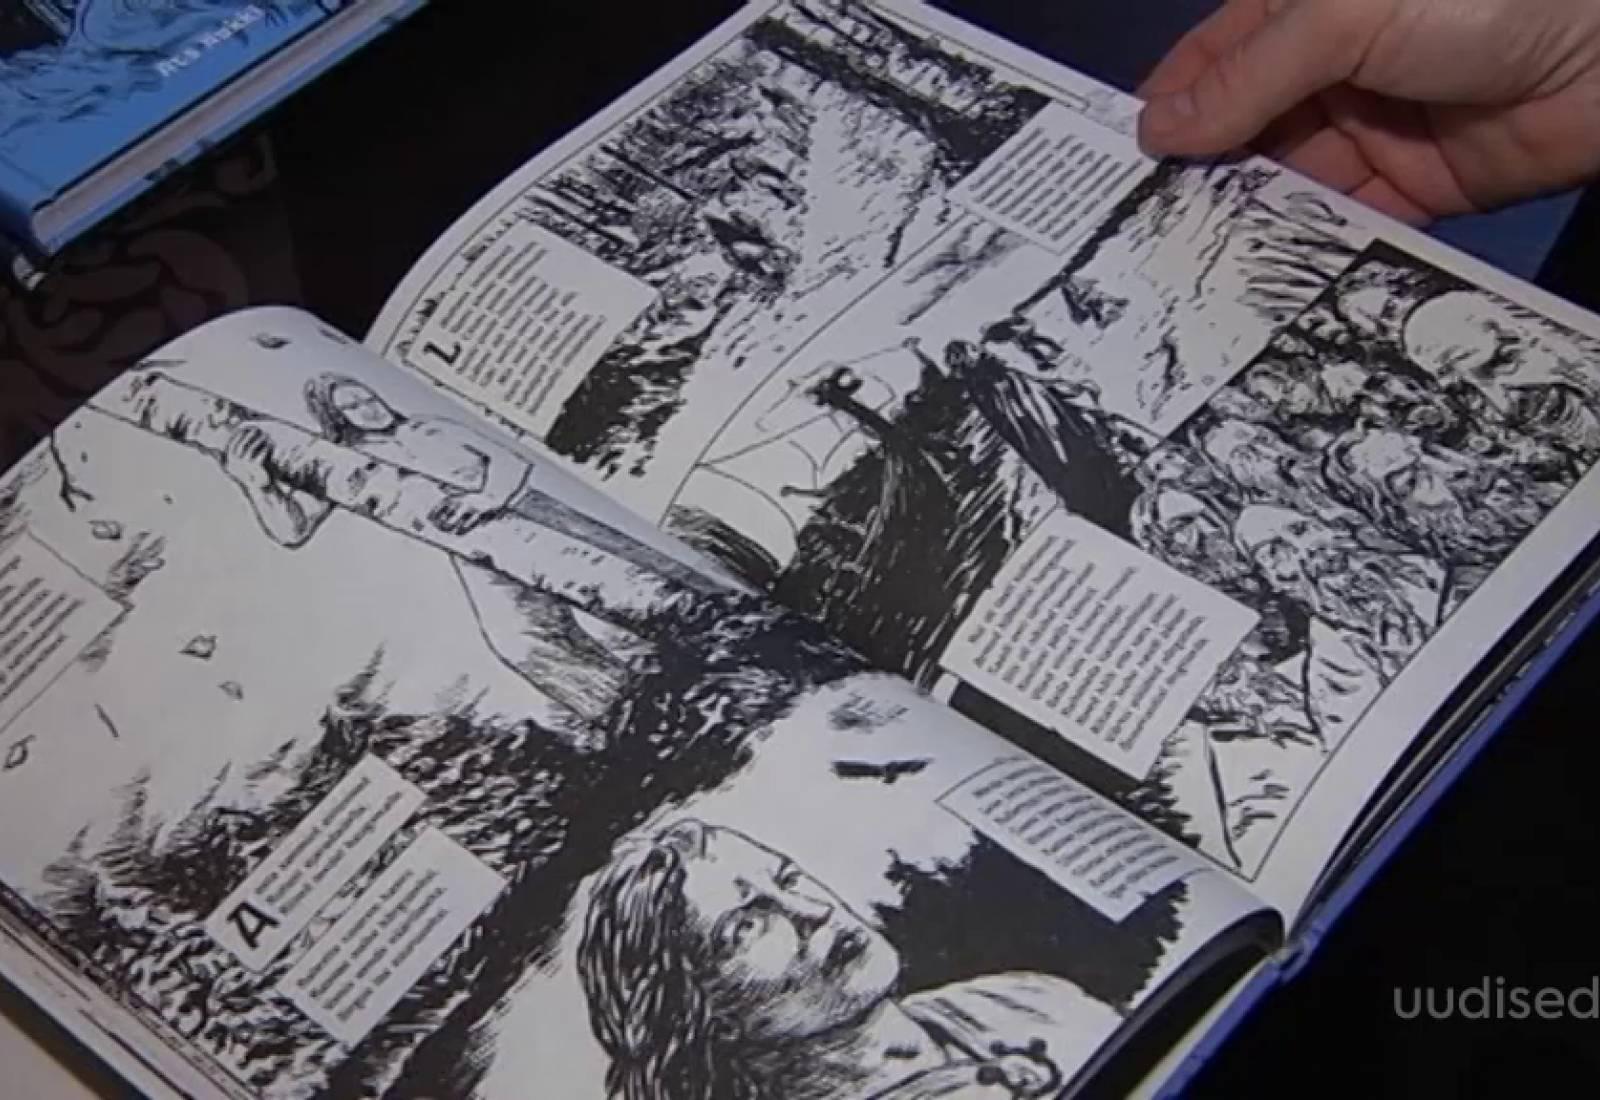 """Video! Tõetruud illustratsioonid aitavad rahvuseepost """"Kalevipoeg"""" paremini mõista"""